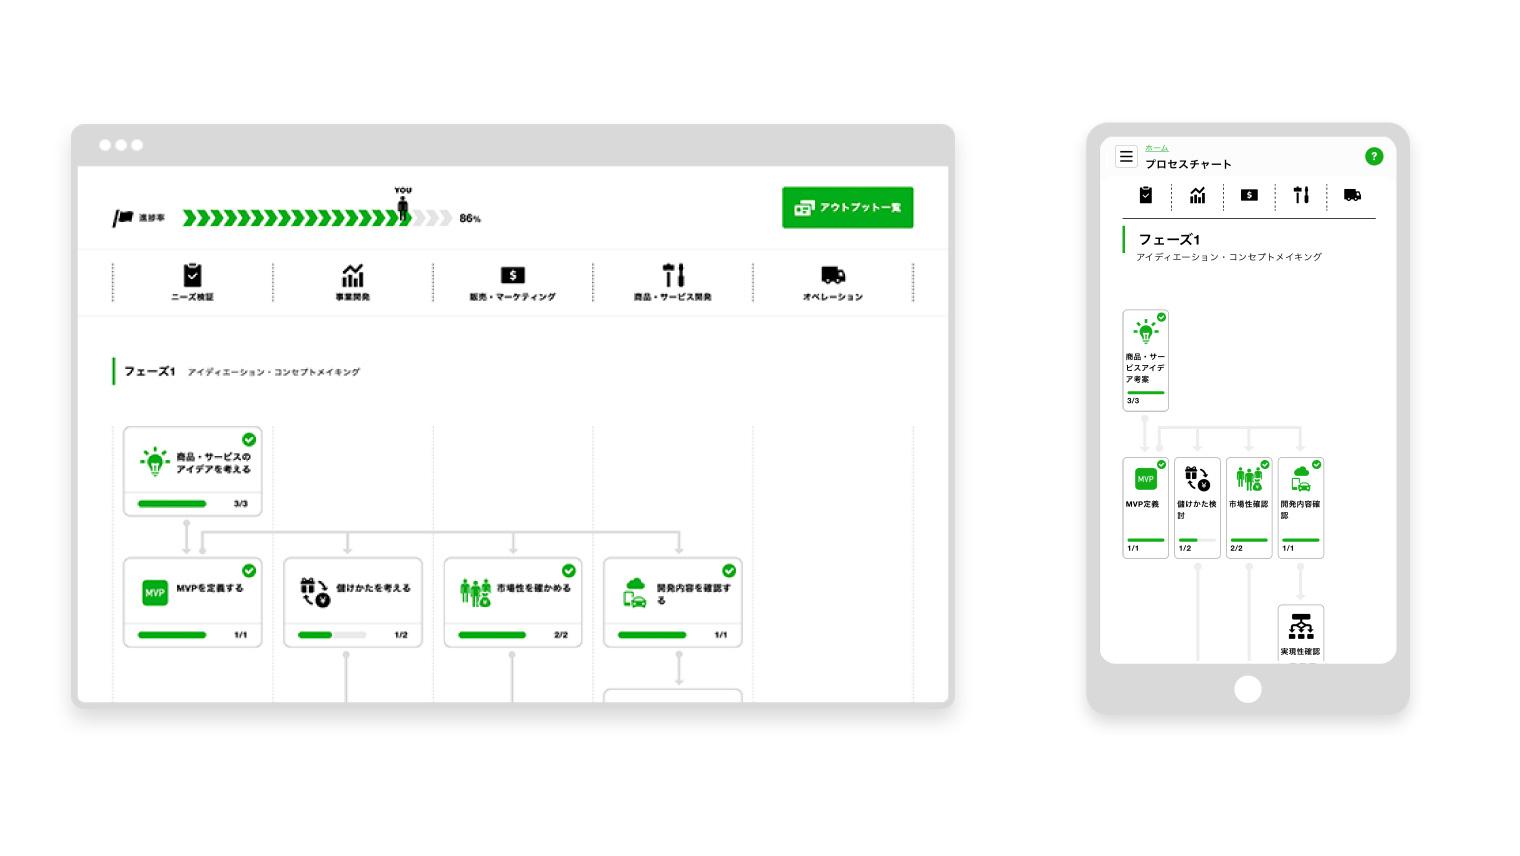 スマートフォンに最適化されたUIでストレスなく操作可能